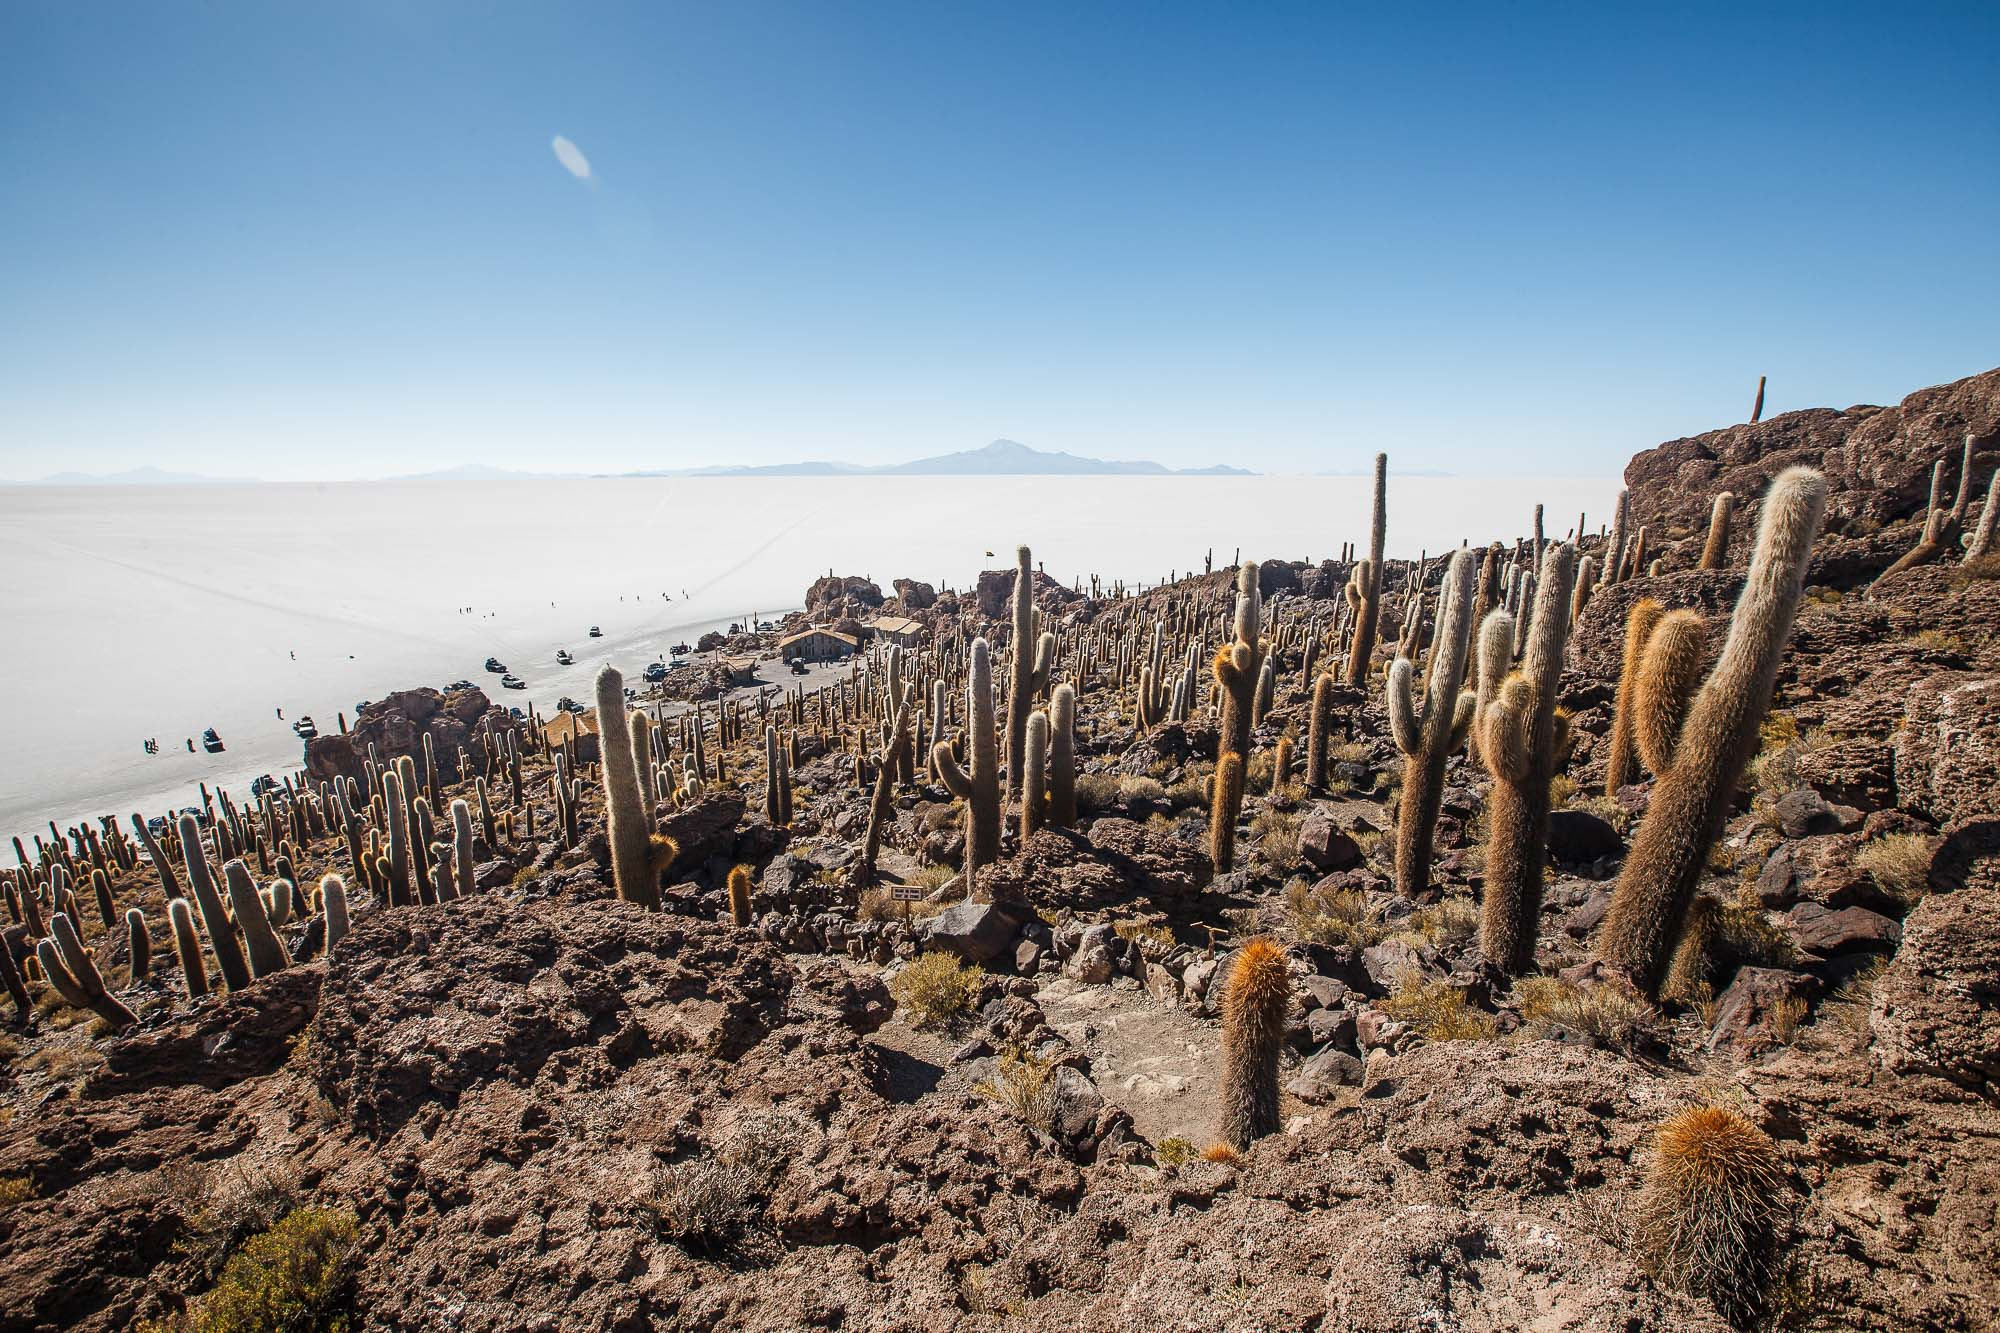 Isla Incahuasi, Bolivia, Salar de Uyuni - www.jusmediic.com